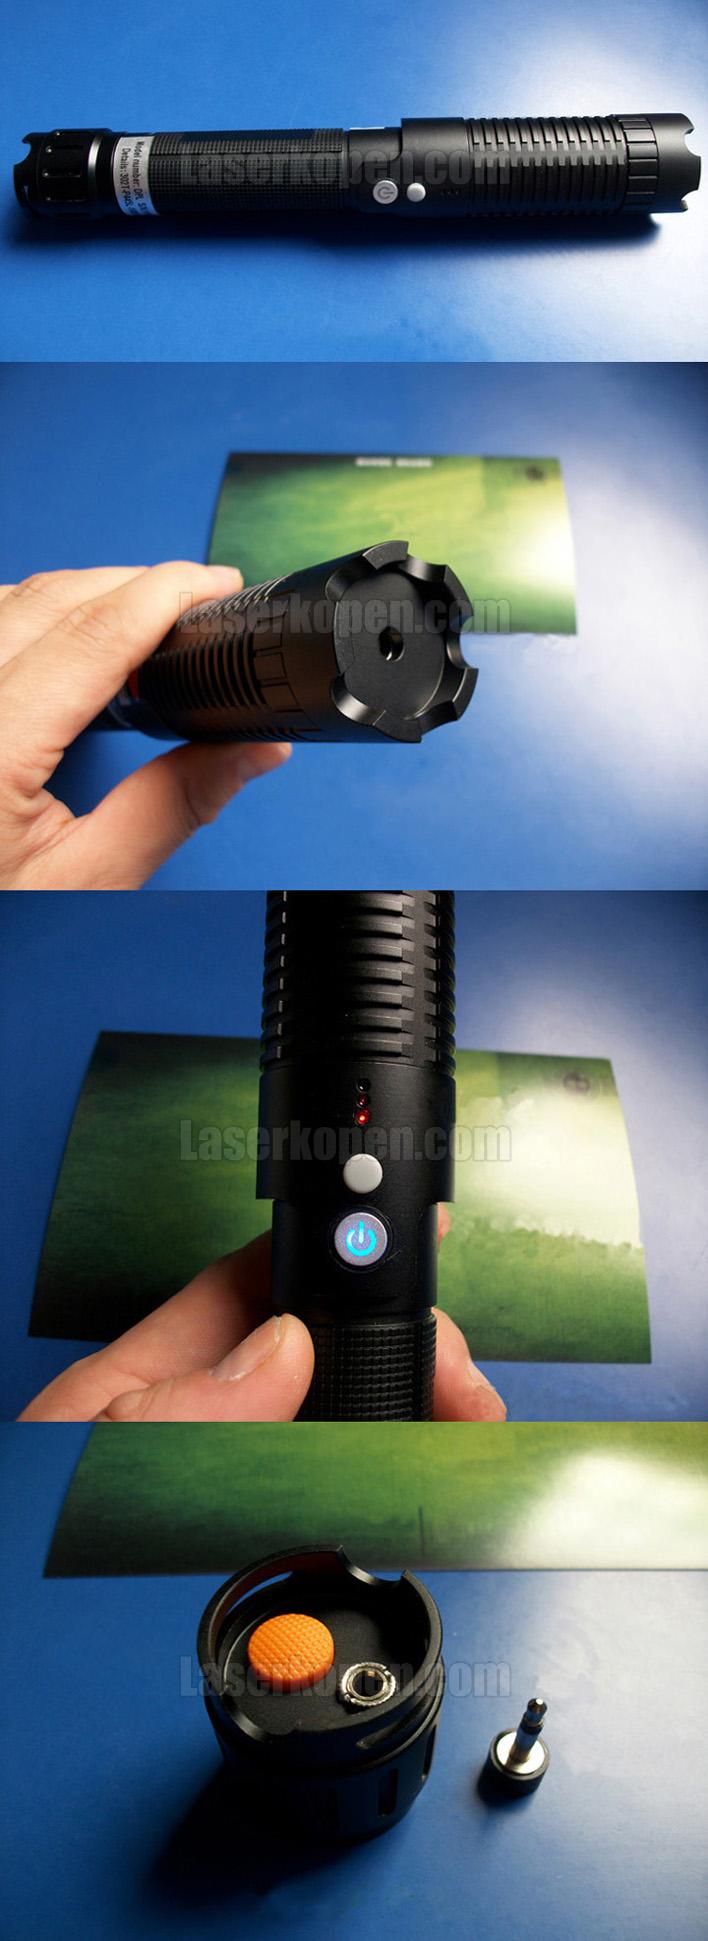 laserpen 5000mW kopen